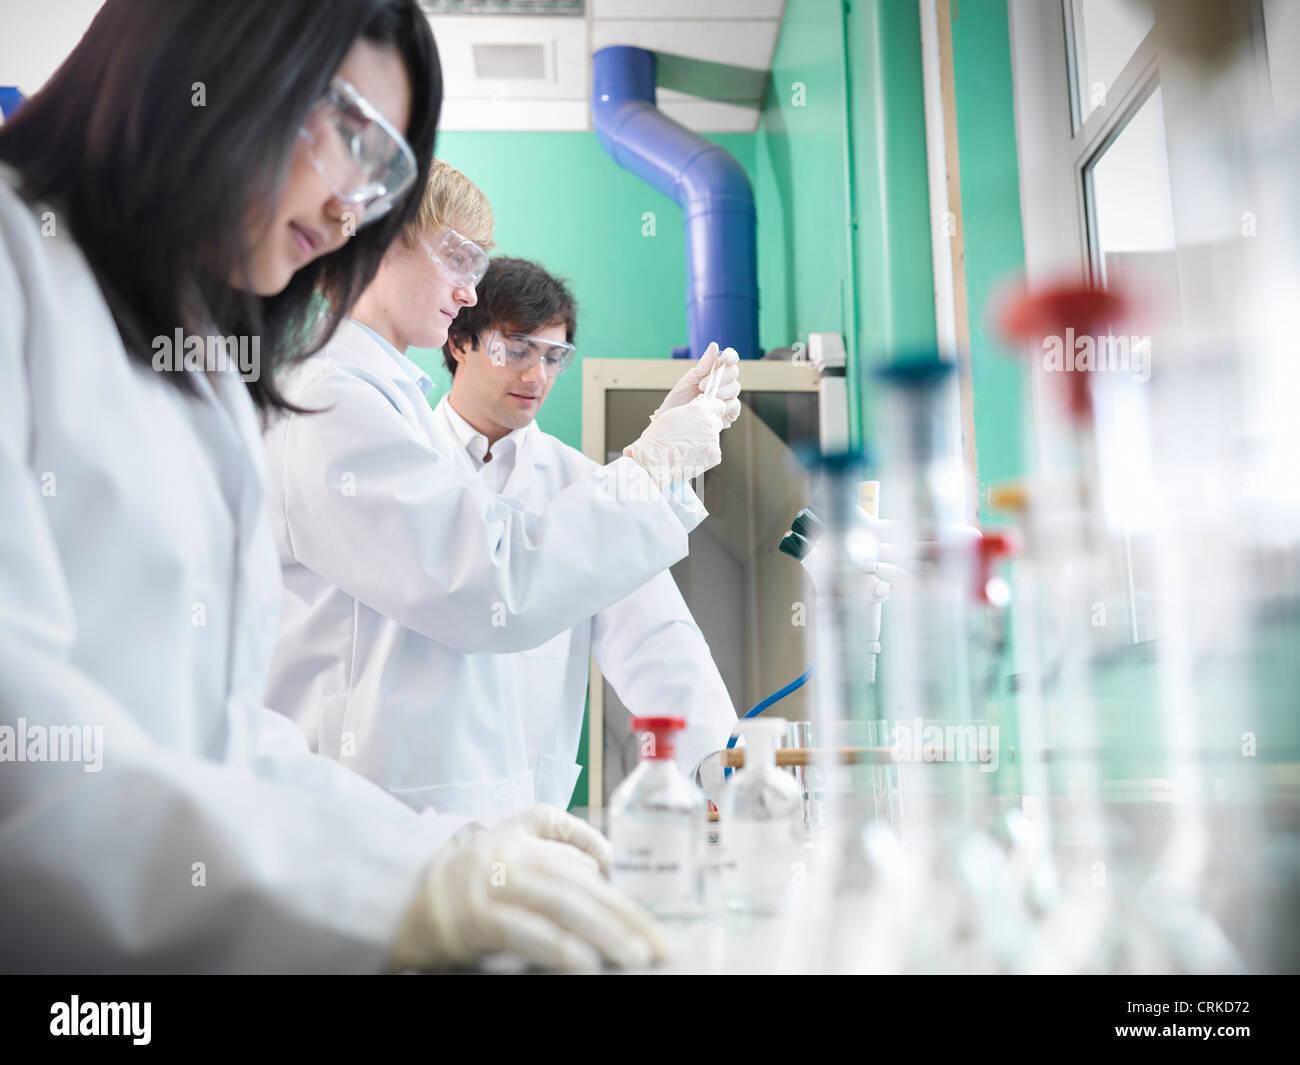 Chemiestudenten, die Arbeiten im Labor Stockbild